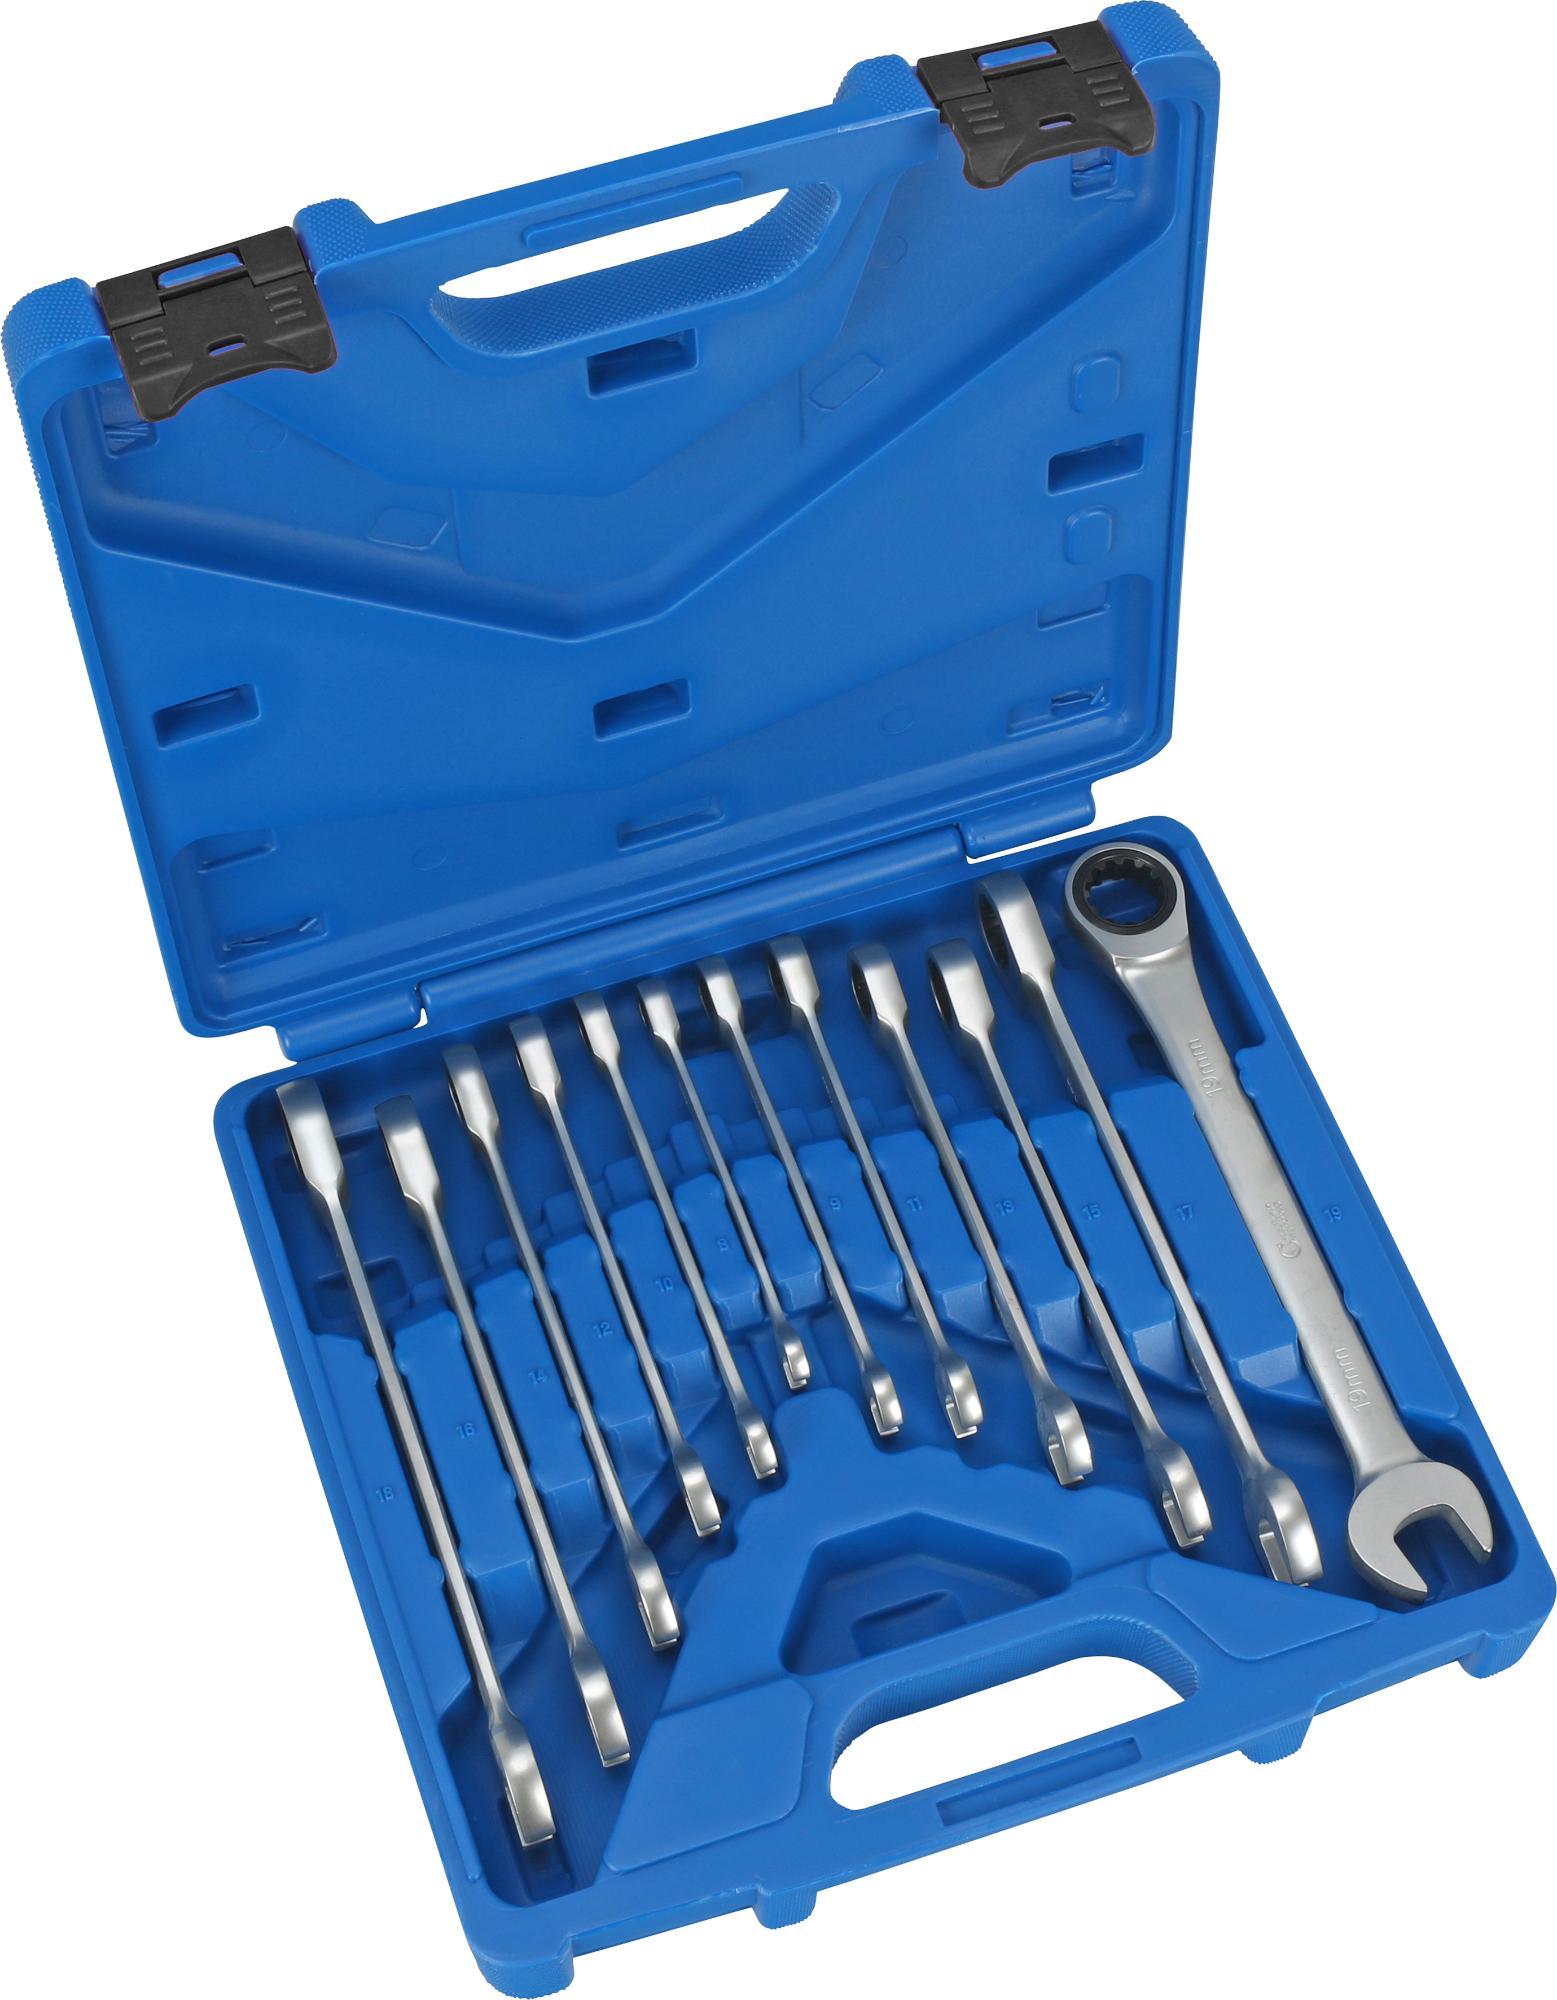 Sada račňových kľúčov očko-vidlica, 12-dielna., 8-19 mm